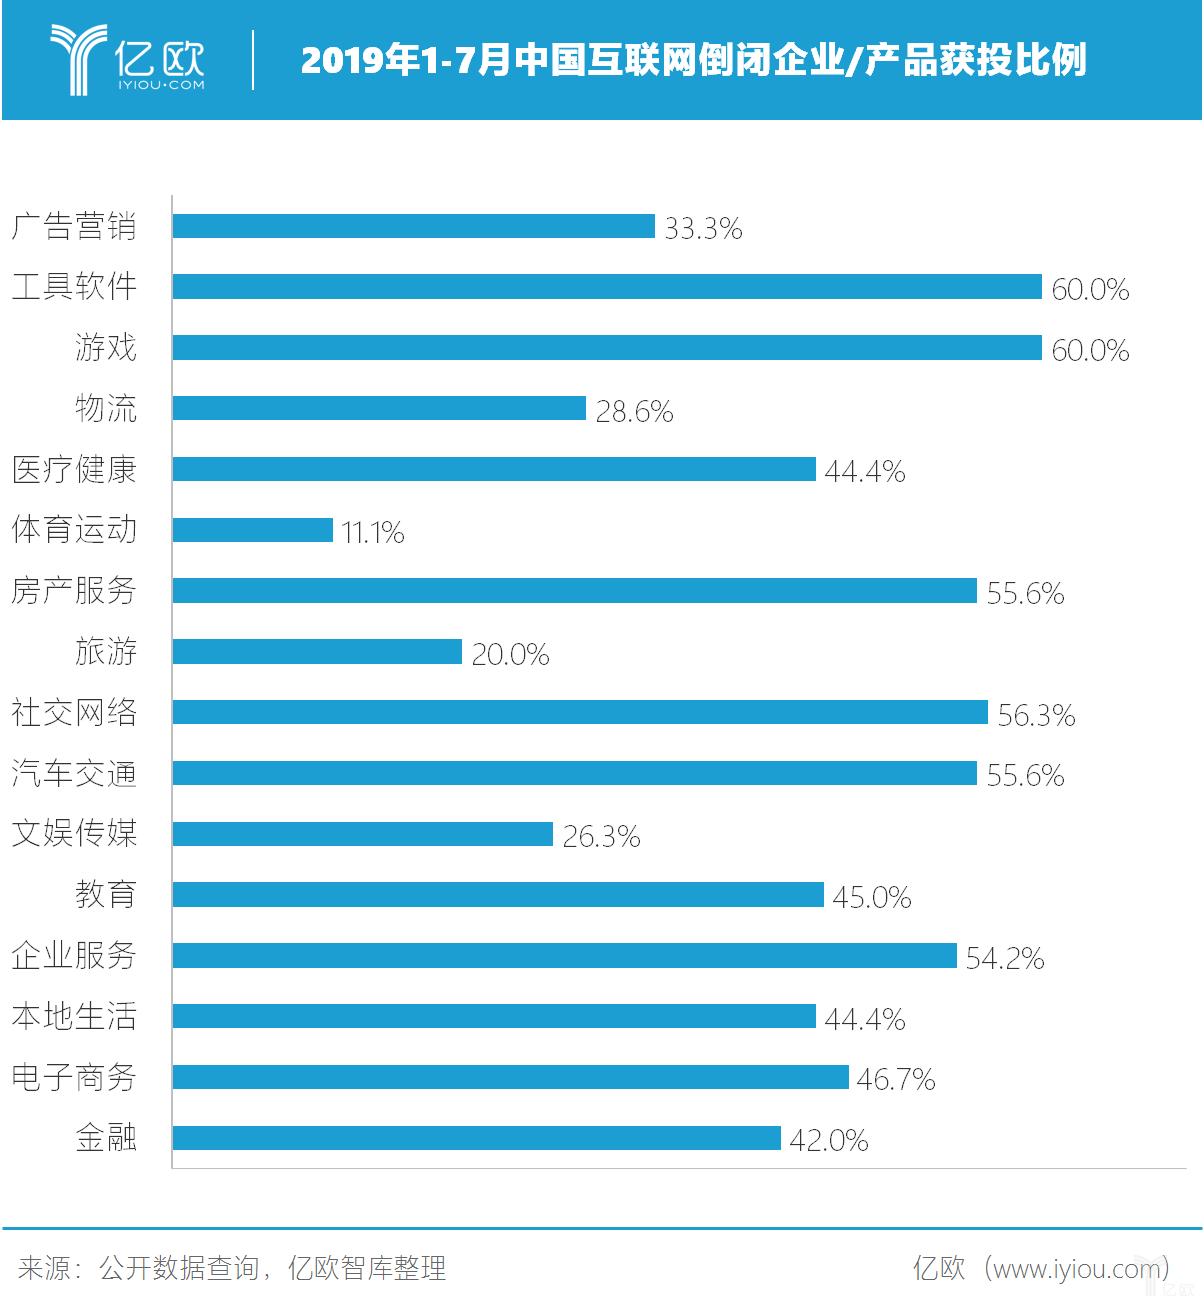 2019年1-7月中国互联网倒闭企业/产品各行业获投比例